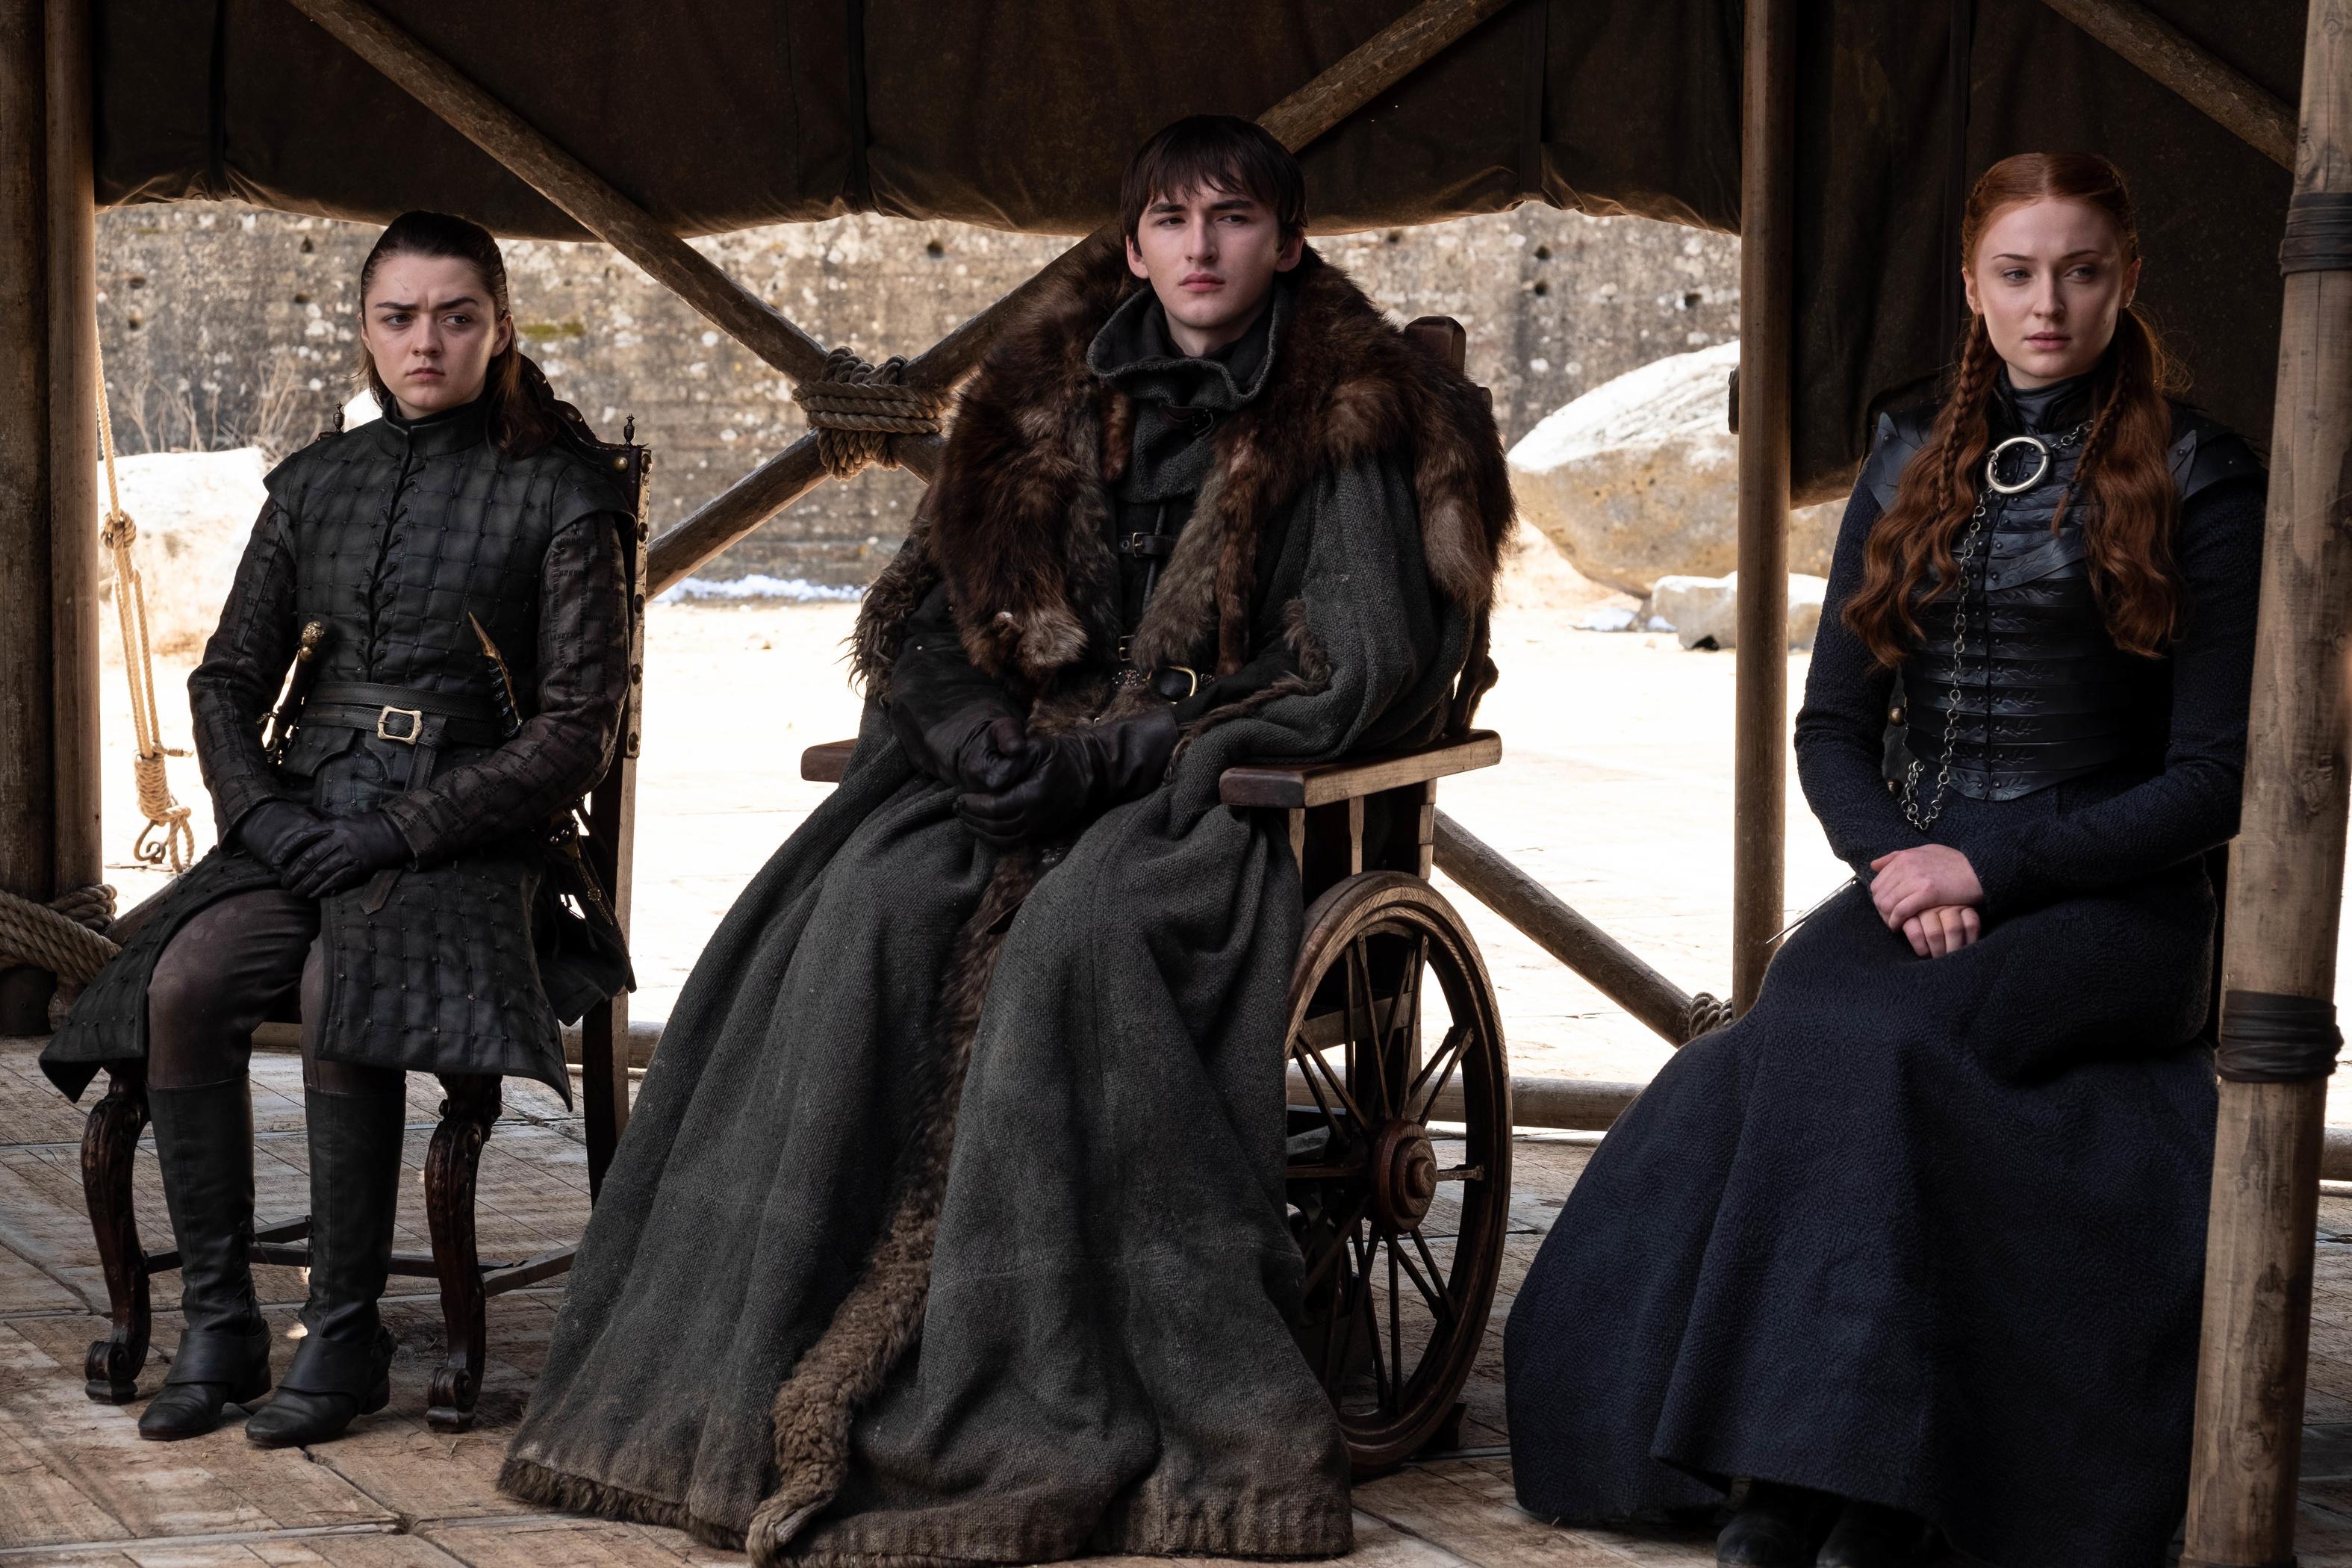 Game of Thrones Arya Bran Sansa